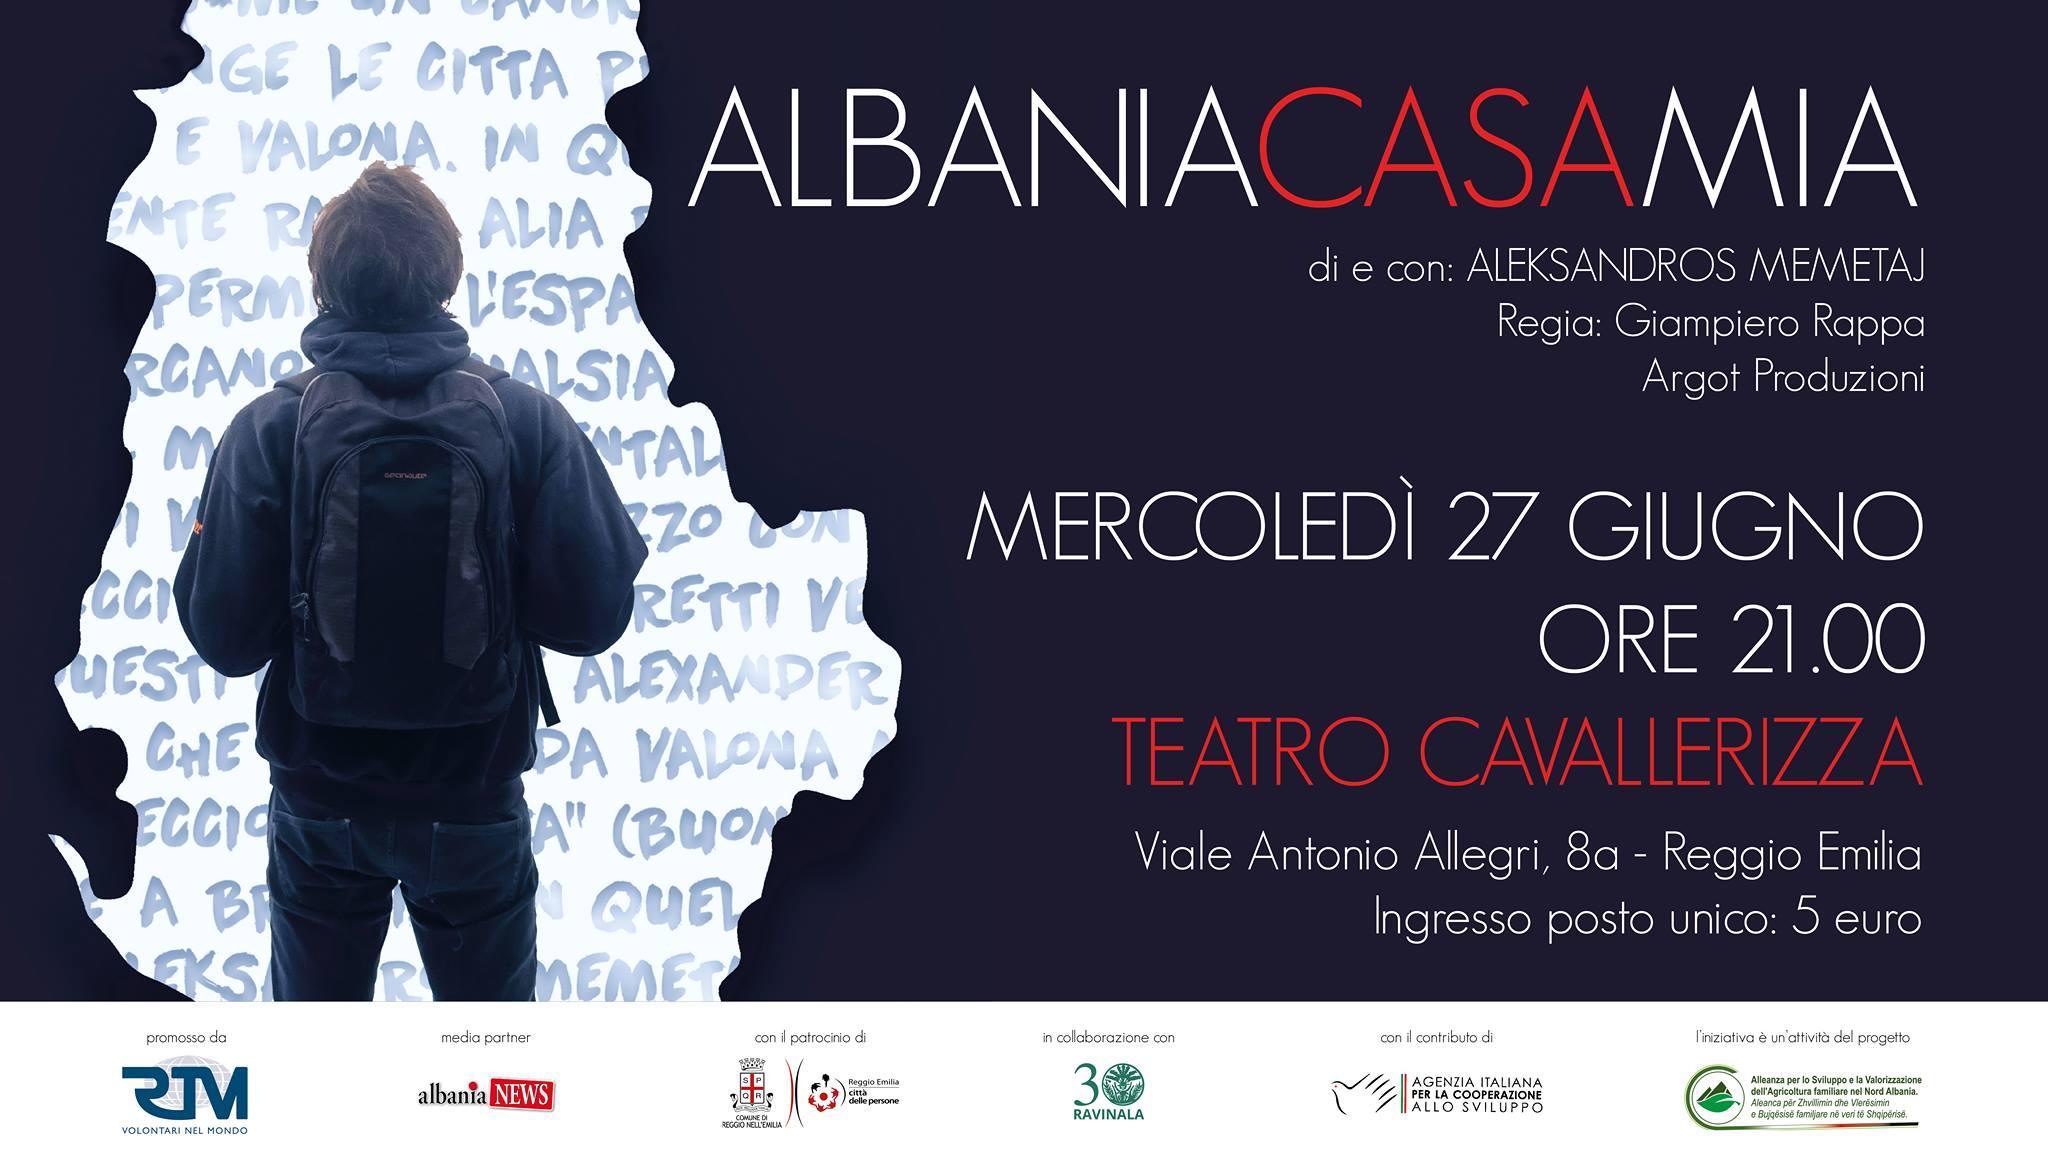 Albania casa mia di Aleksandros Memetaj a Reggio Emilia